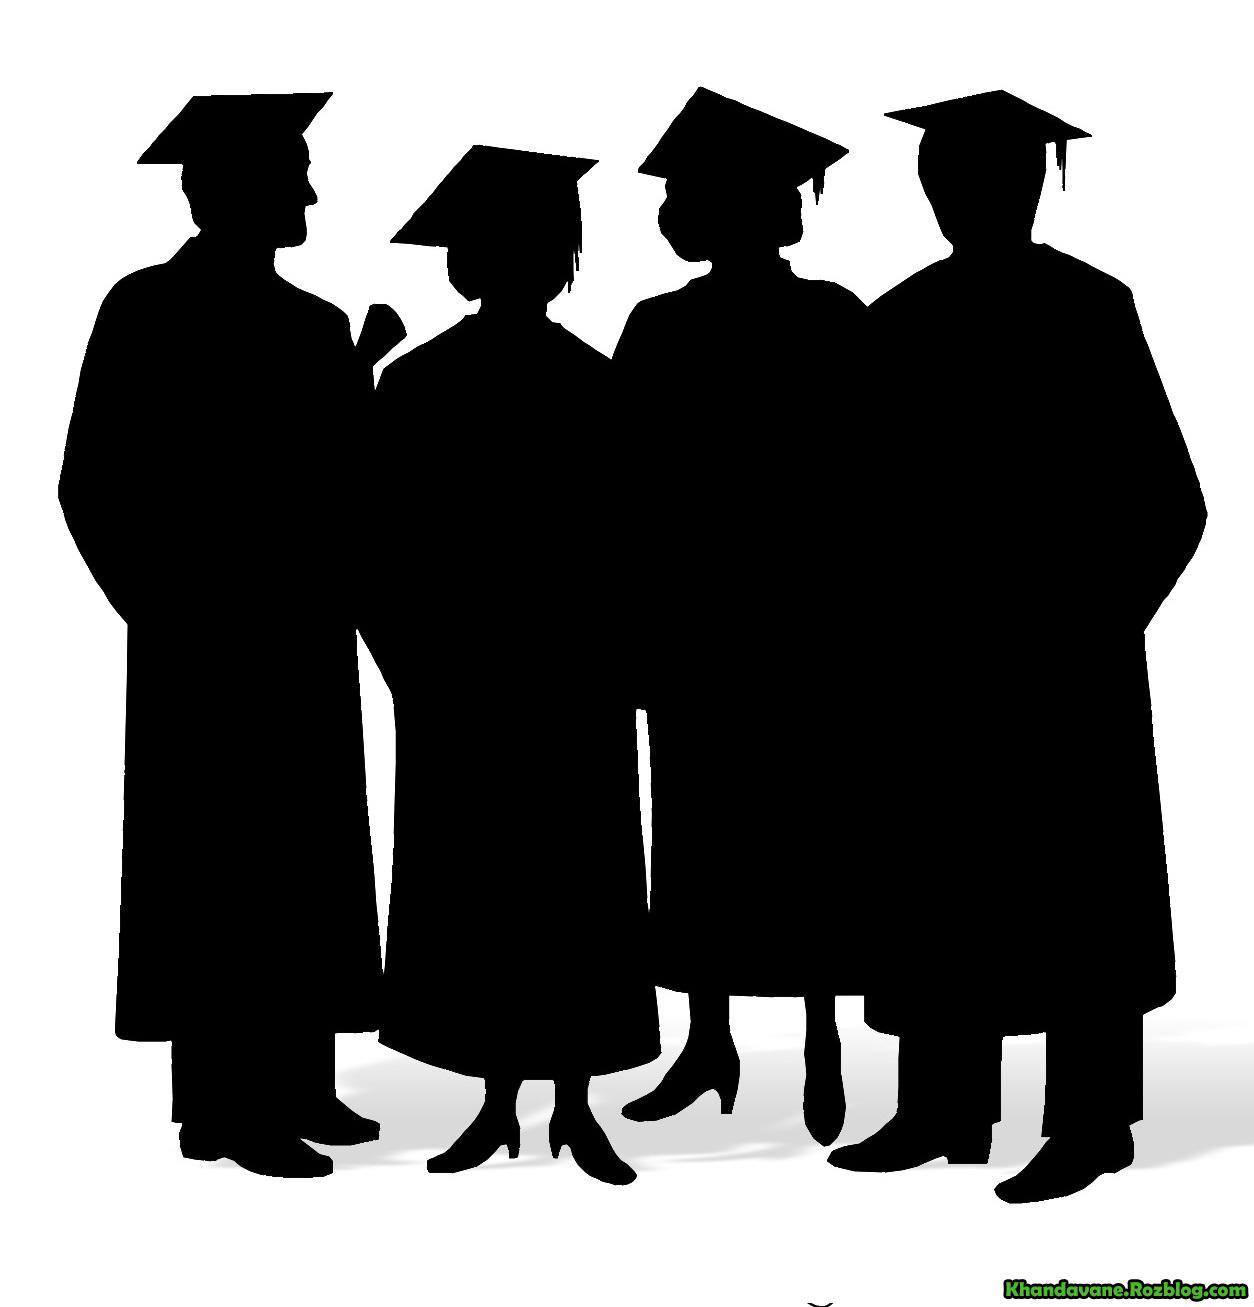 دانلود لیست اسامی قبول شدگان ازمون استخدام اموزش و پرورش سال 94